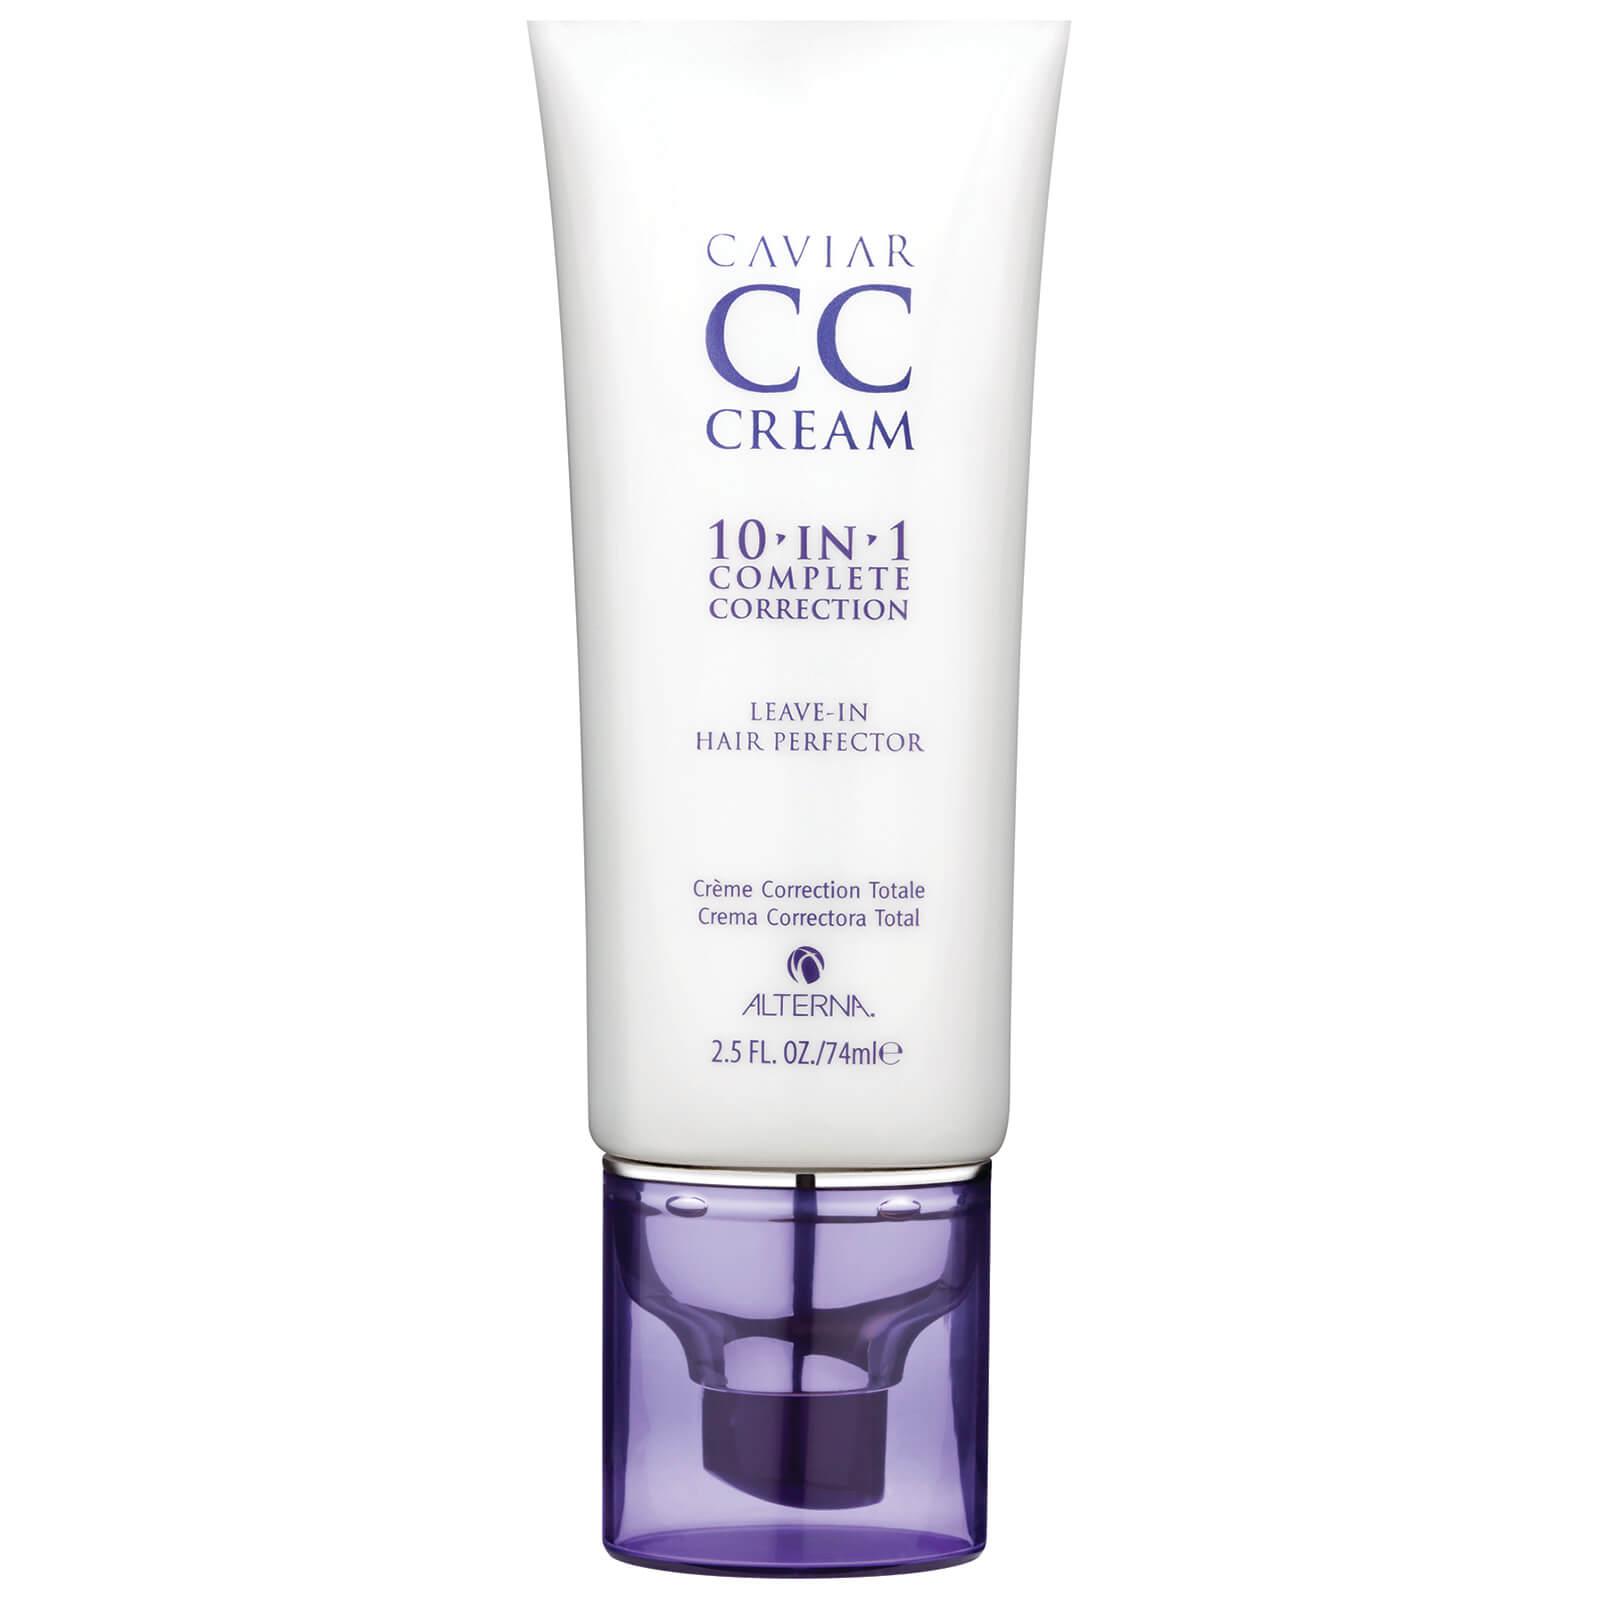 Alterna Caviar CC Cream 2 5 oz